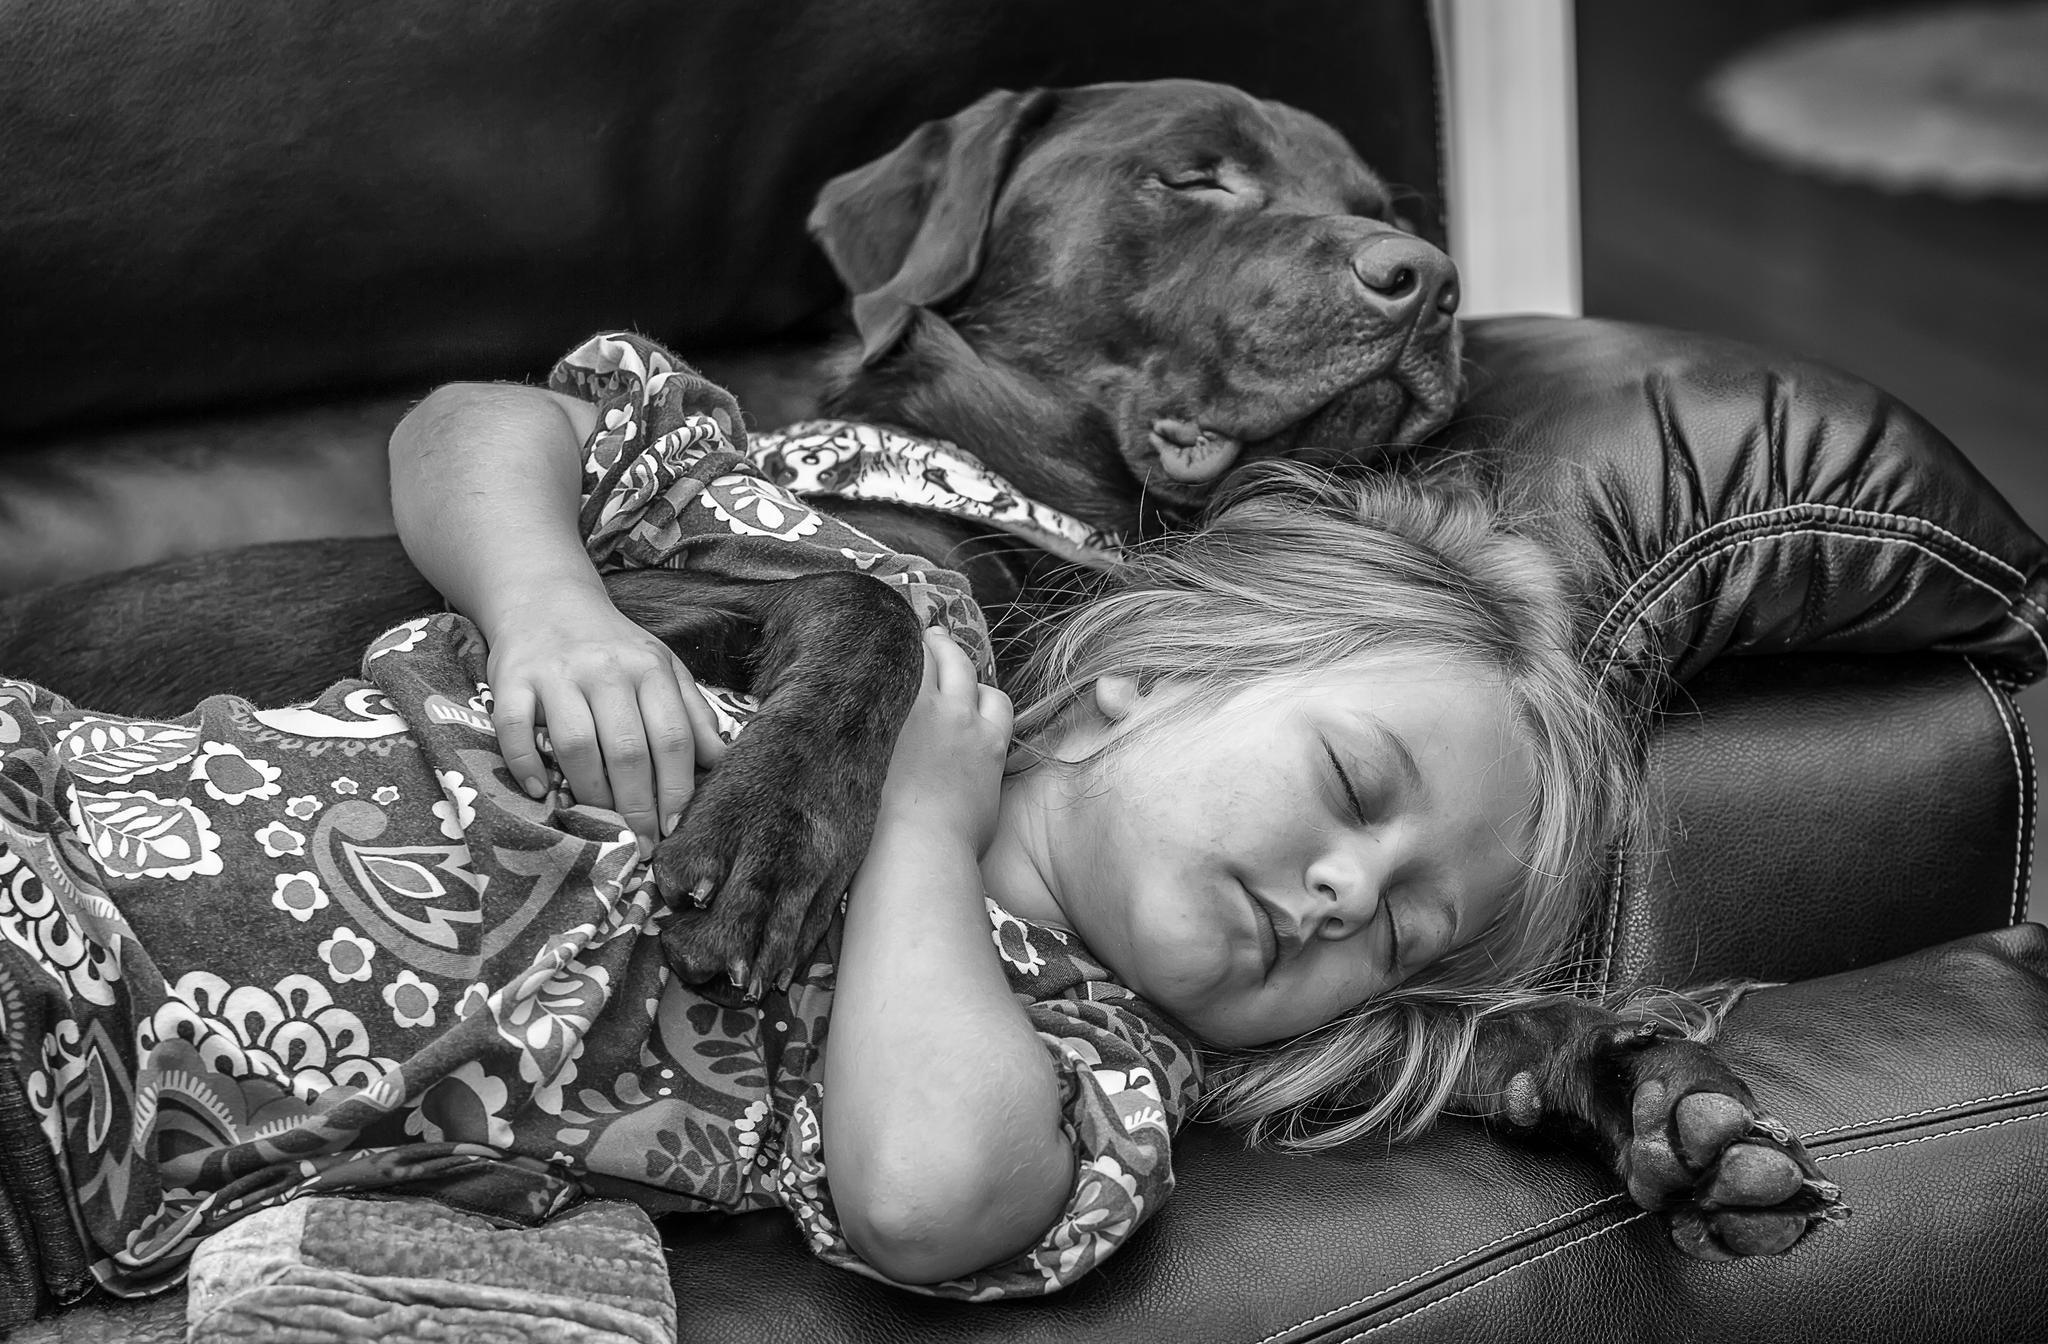 идеи для домашней фотосессии с животными